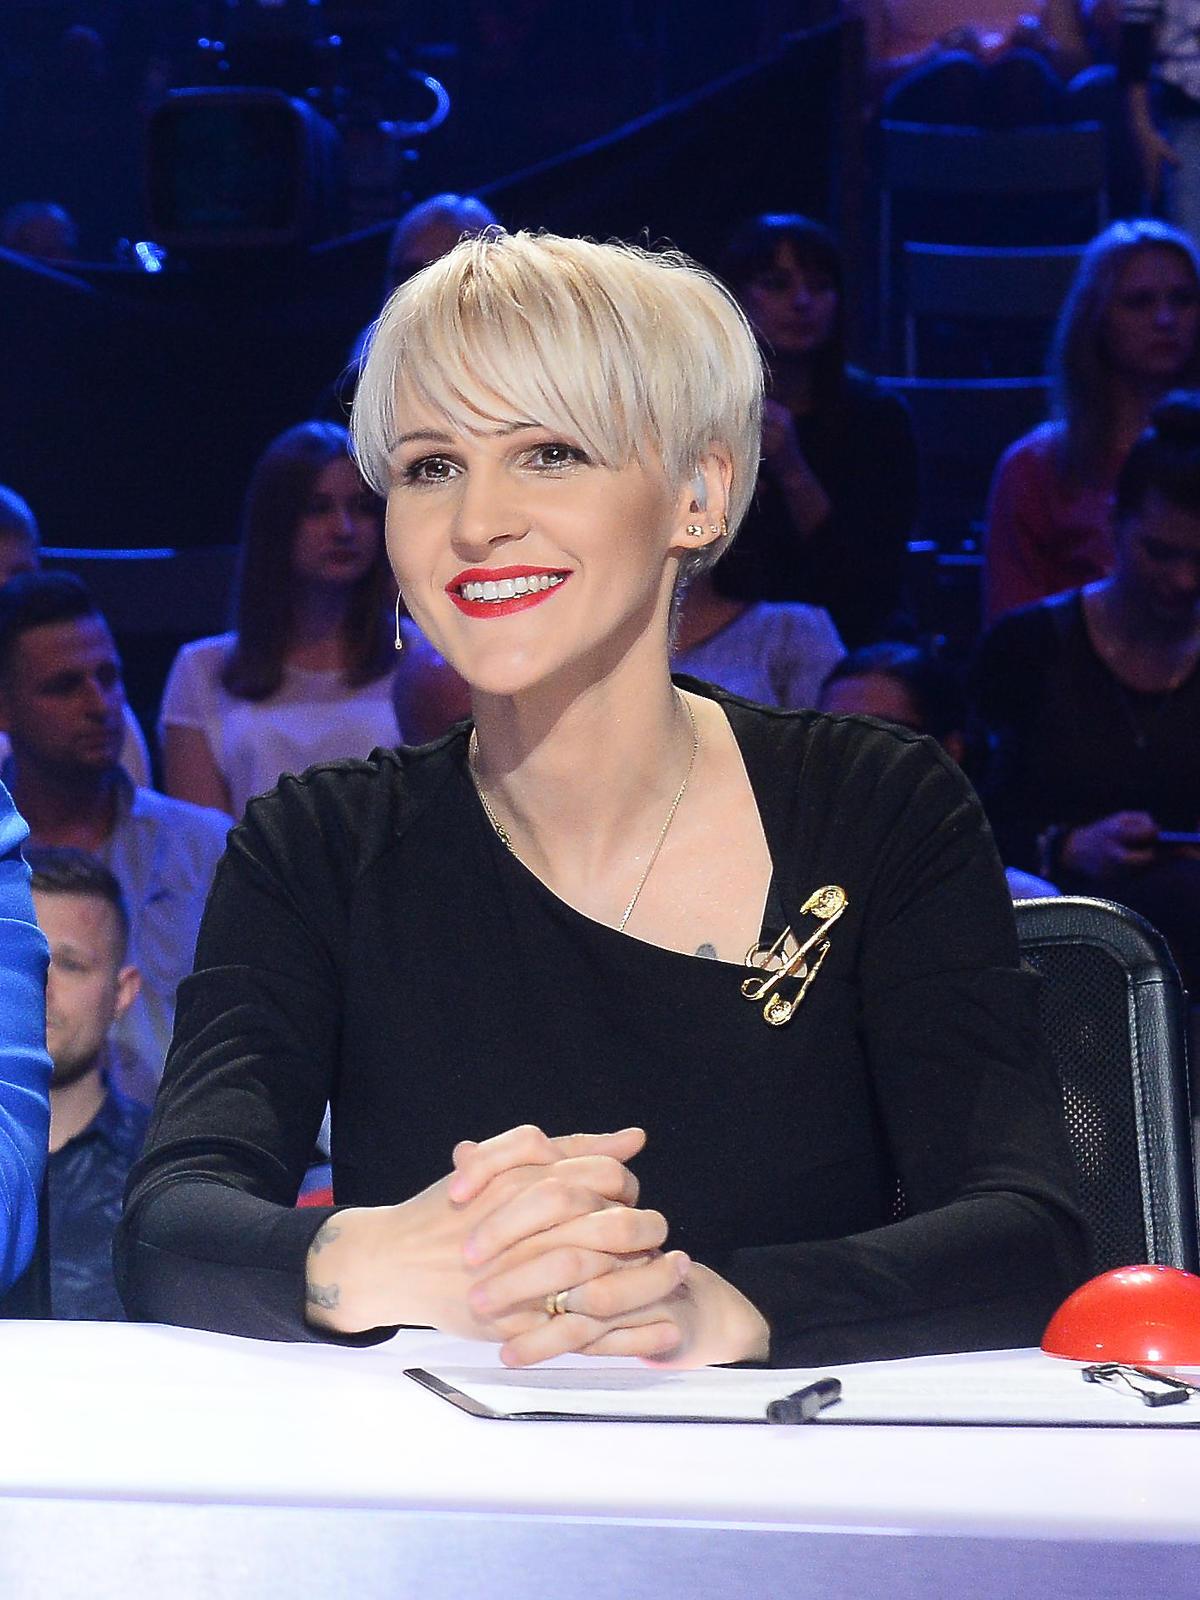 Agnieszka Chylińska, 2014